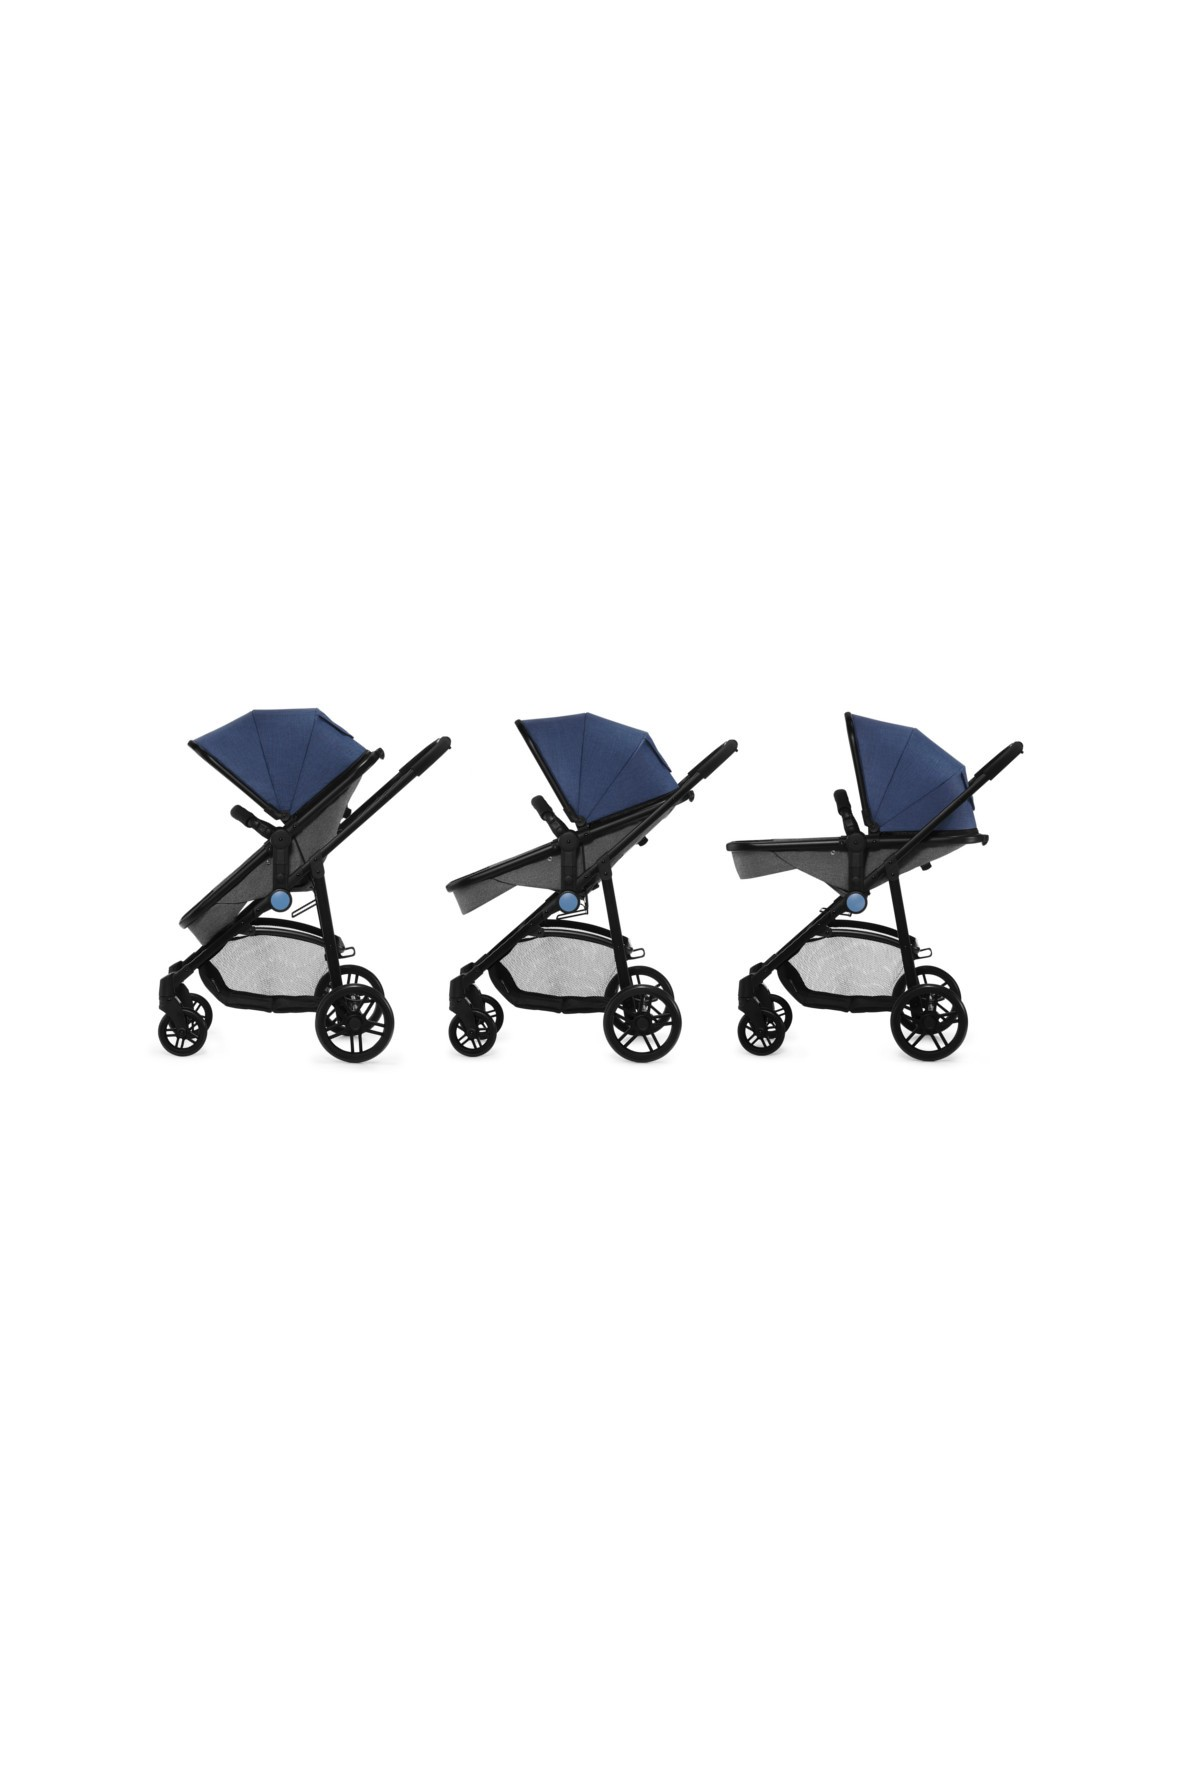 Kinderkraft wózek wielofunkcyjny 3w1 JULI